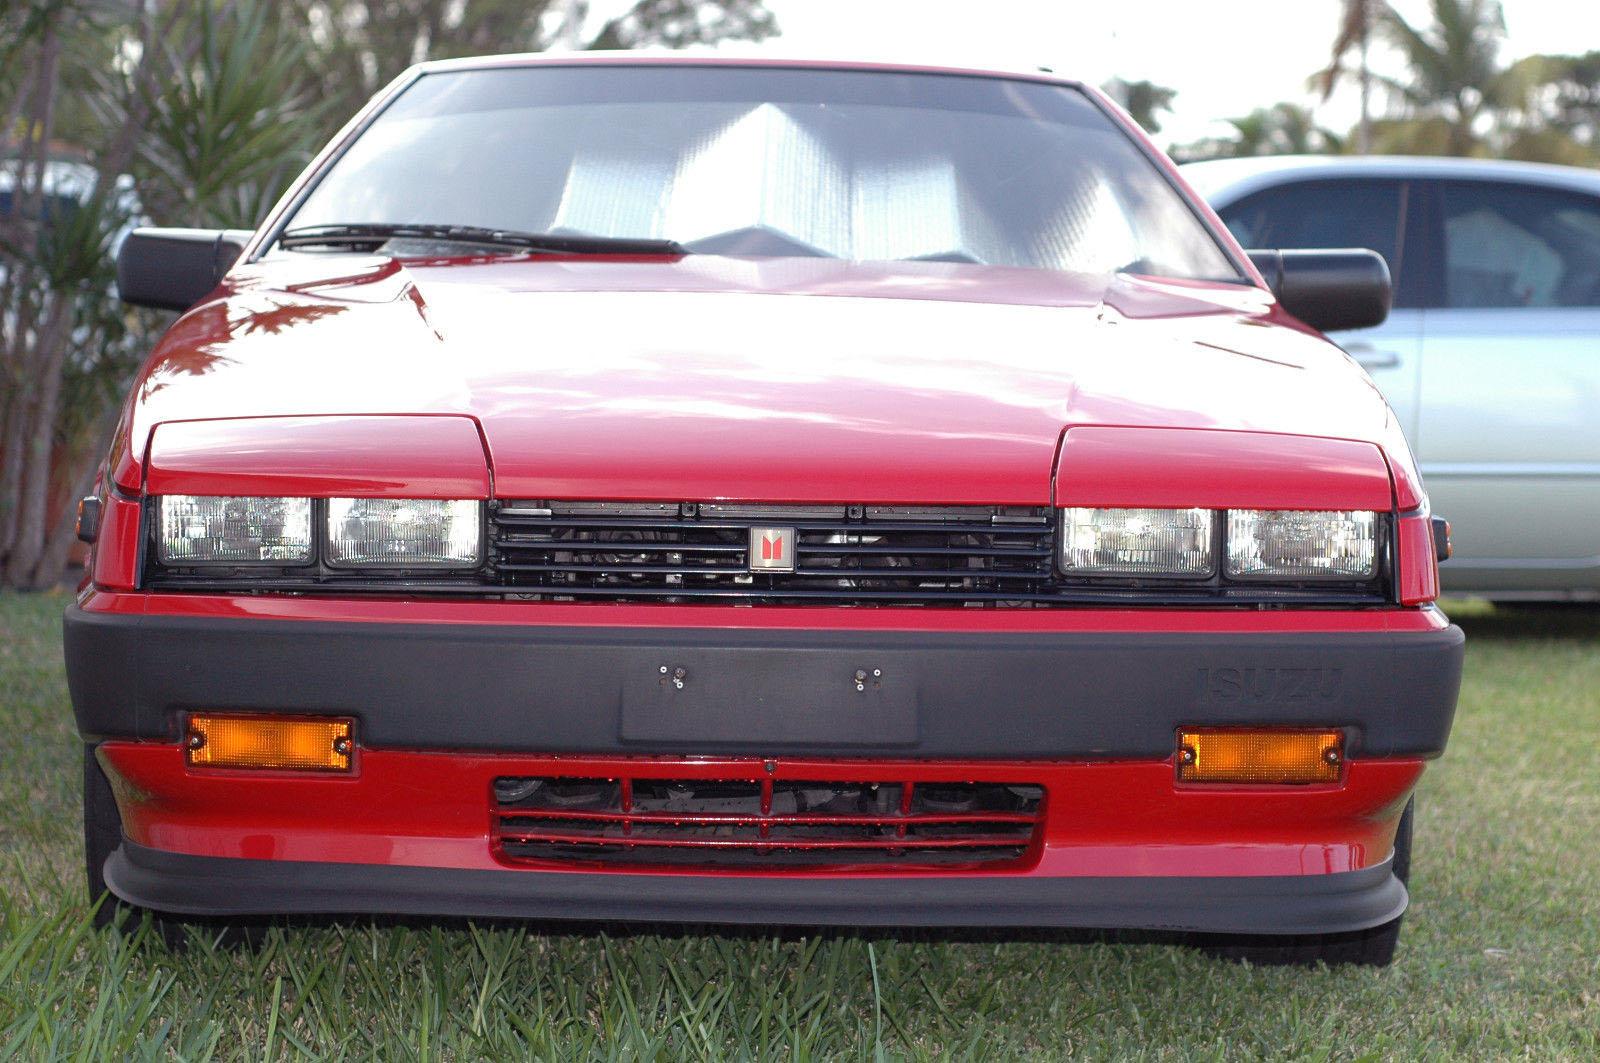 KIDNEY ANYONE 1986 Isuzu Impulse Turbo  Japanese Nostalgic Car